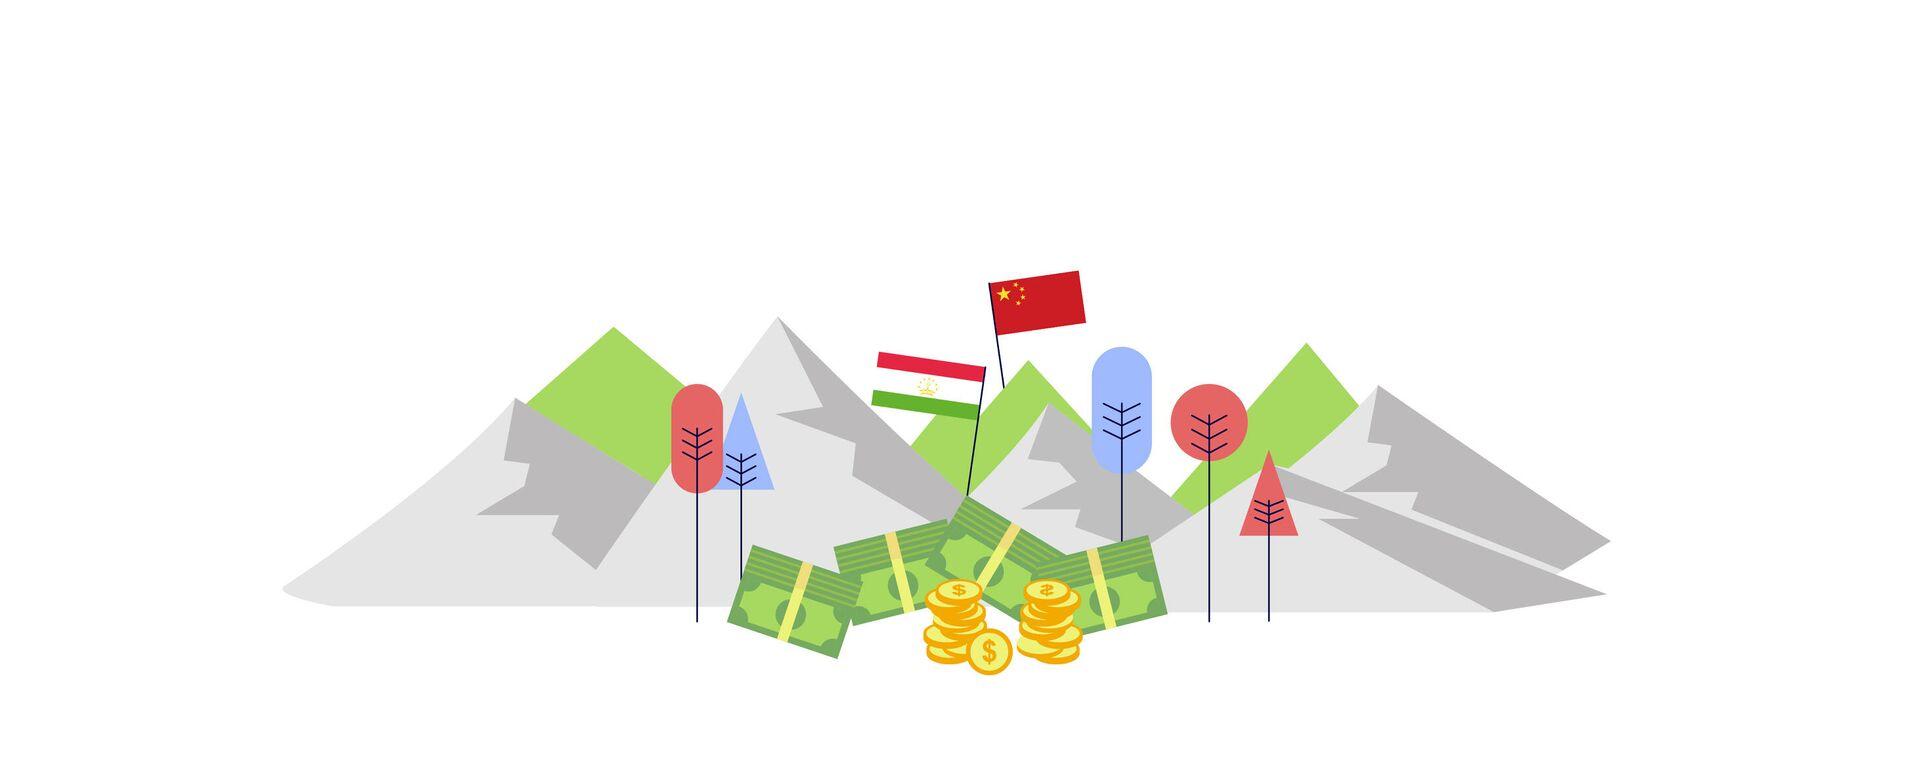 Долг Таджикистана перед Китаем - Sputnik Таджикистан, 1920, 02.03.2021